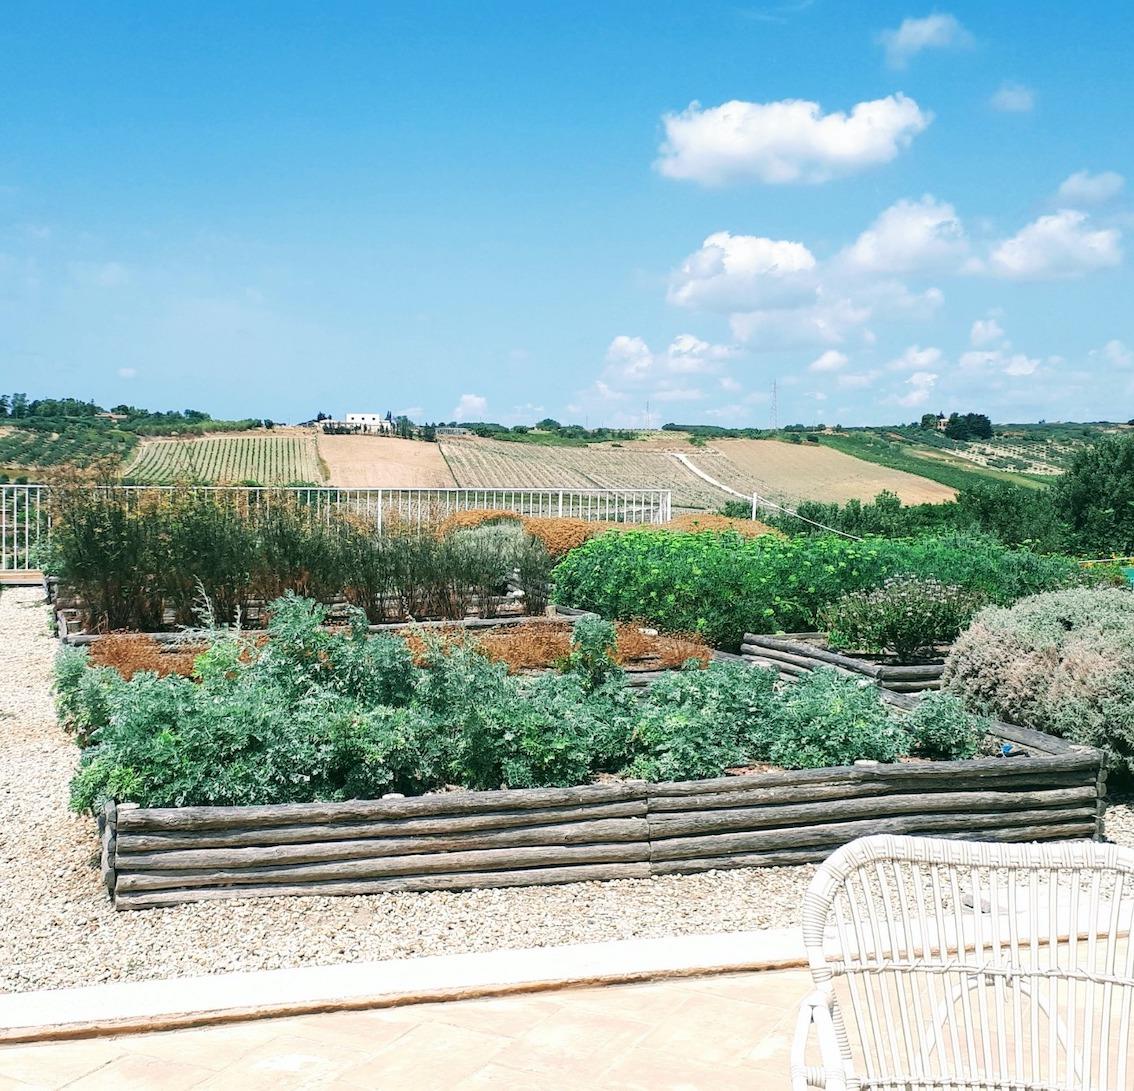 dimore quartetto newsletter aloisa planeta giardino aromatico